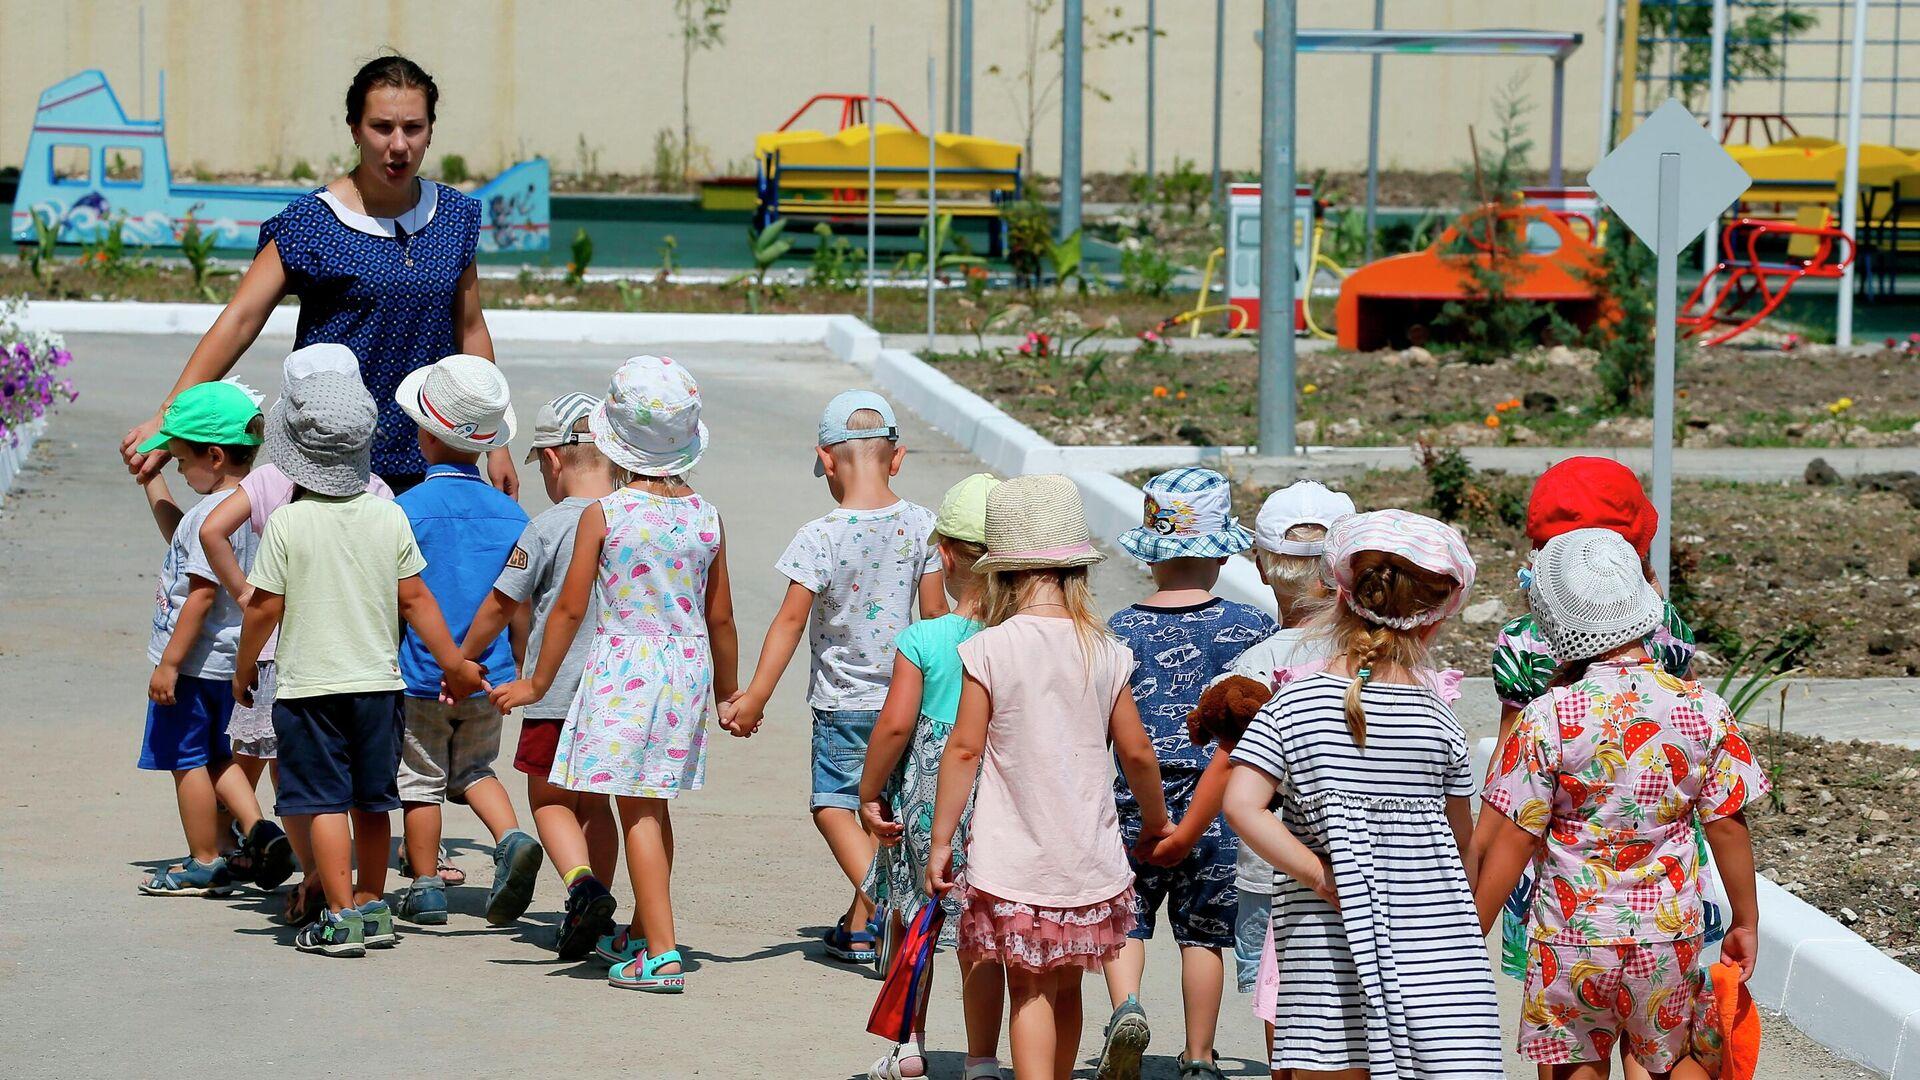 Дети с воспитателем в детском саду - РИА Новости, 1920, 01.06.2021